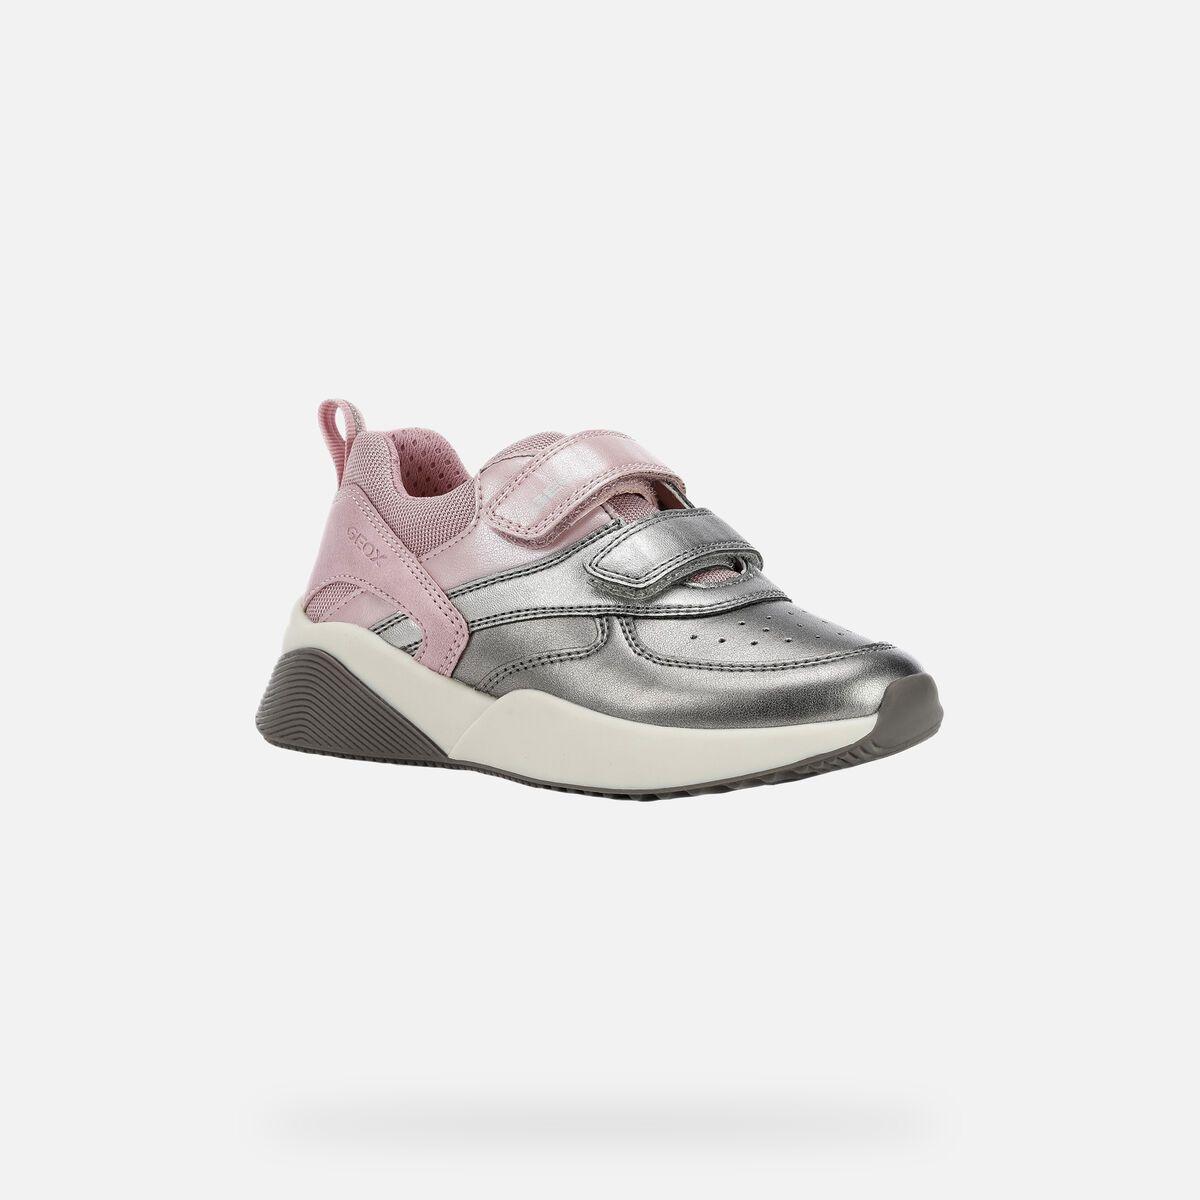 letra Dormitorio En necesidad de  J SINEAD Sneakers Bajas Violeta de Bebés | Geox® Sitio Oficial | Zapatillas  de niñas, Zapatos para niñas, Calzado niños